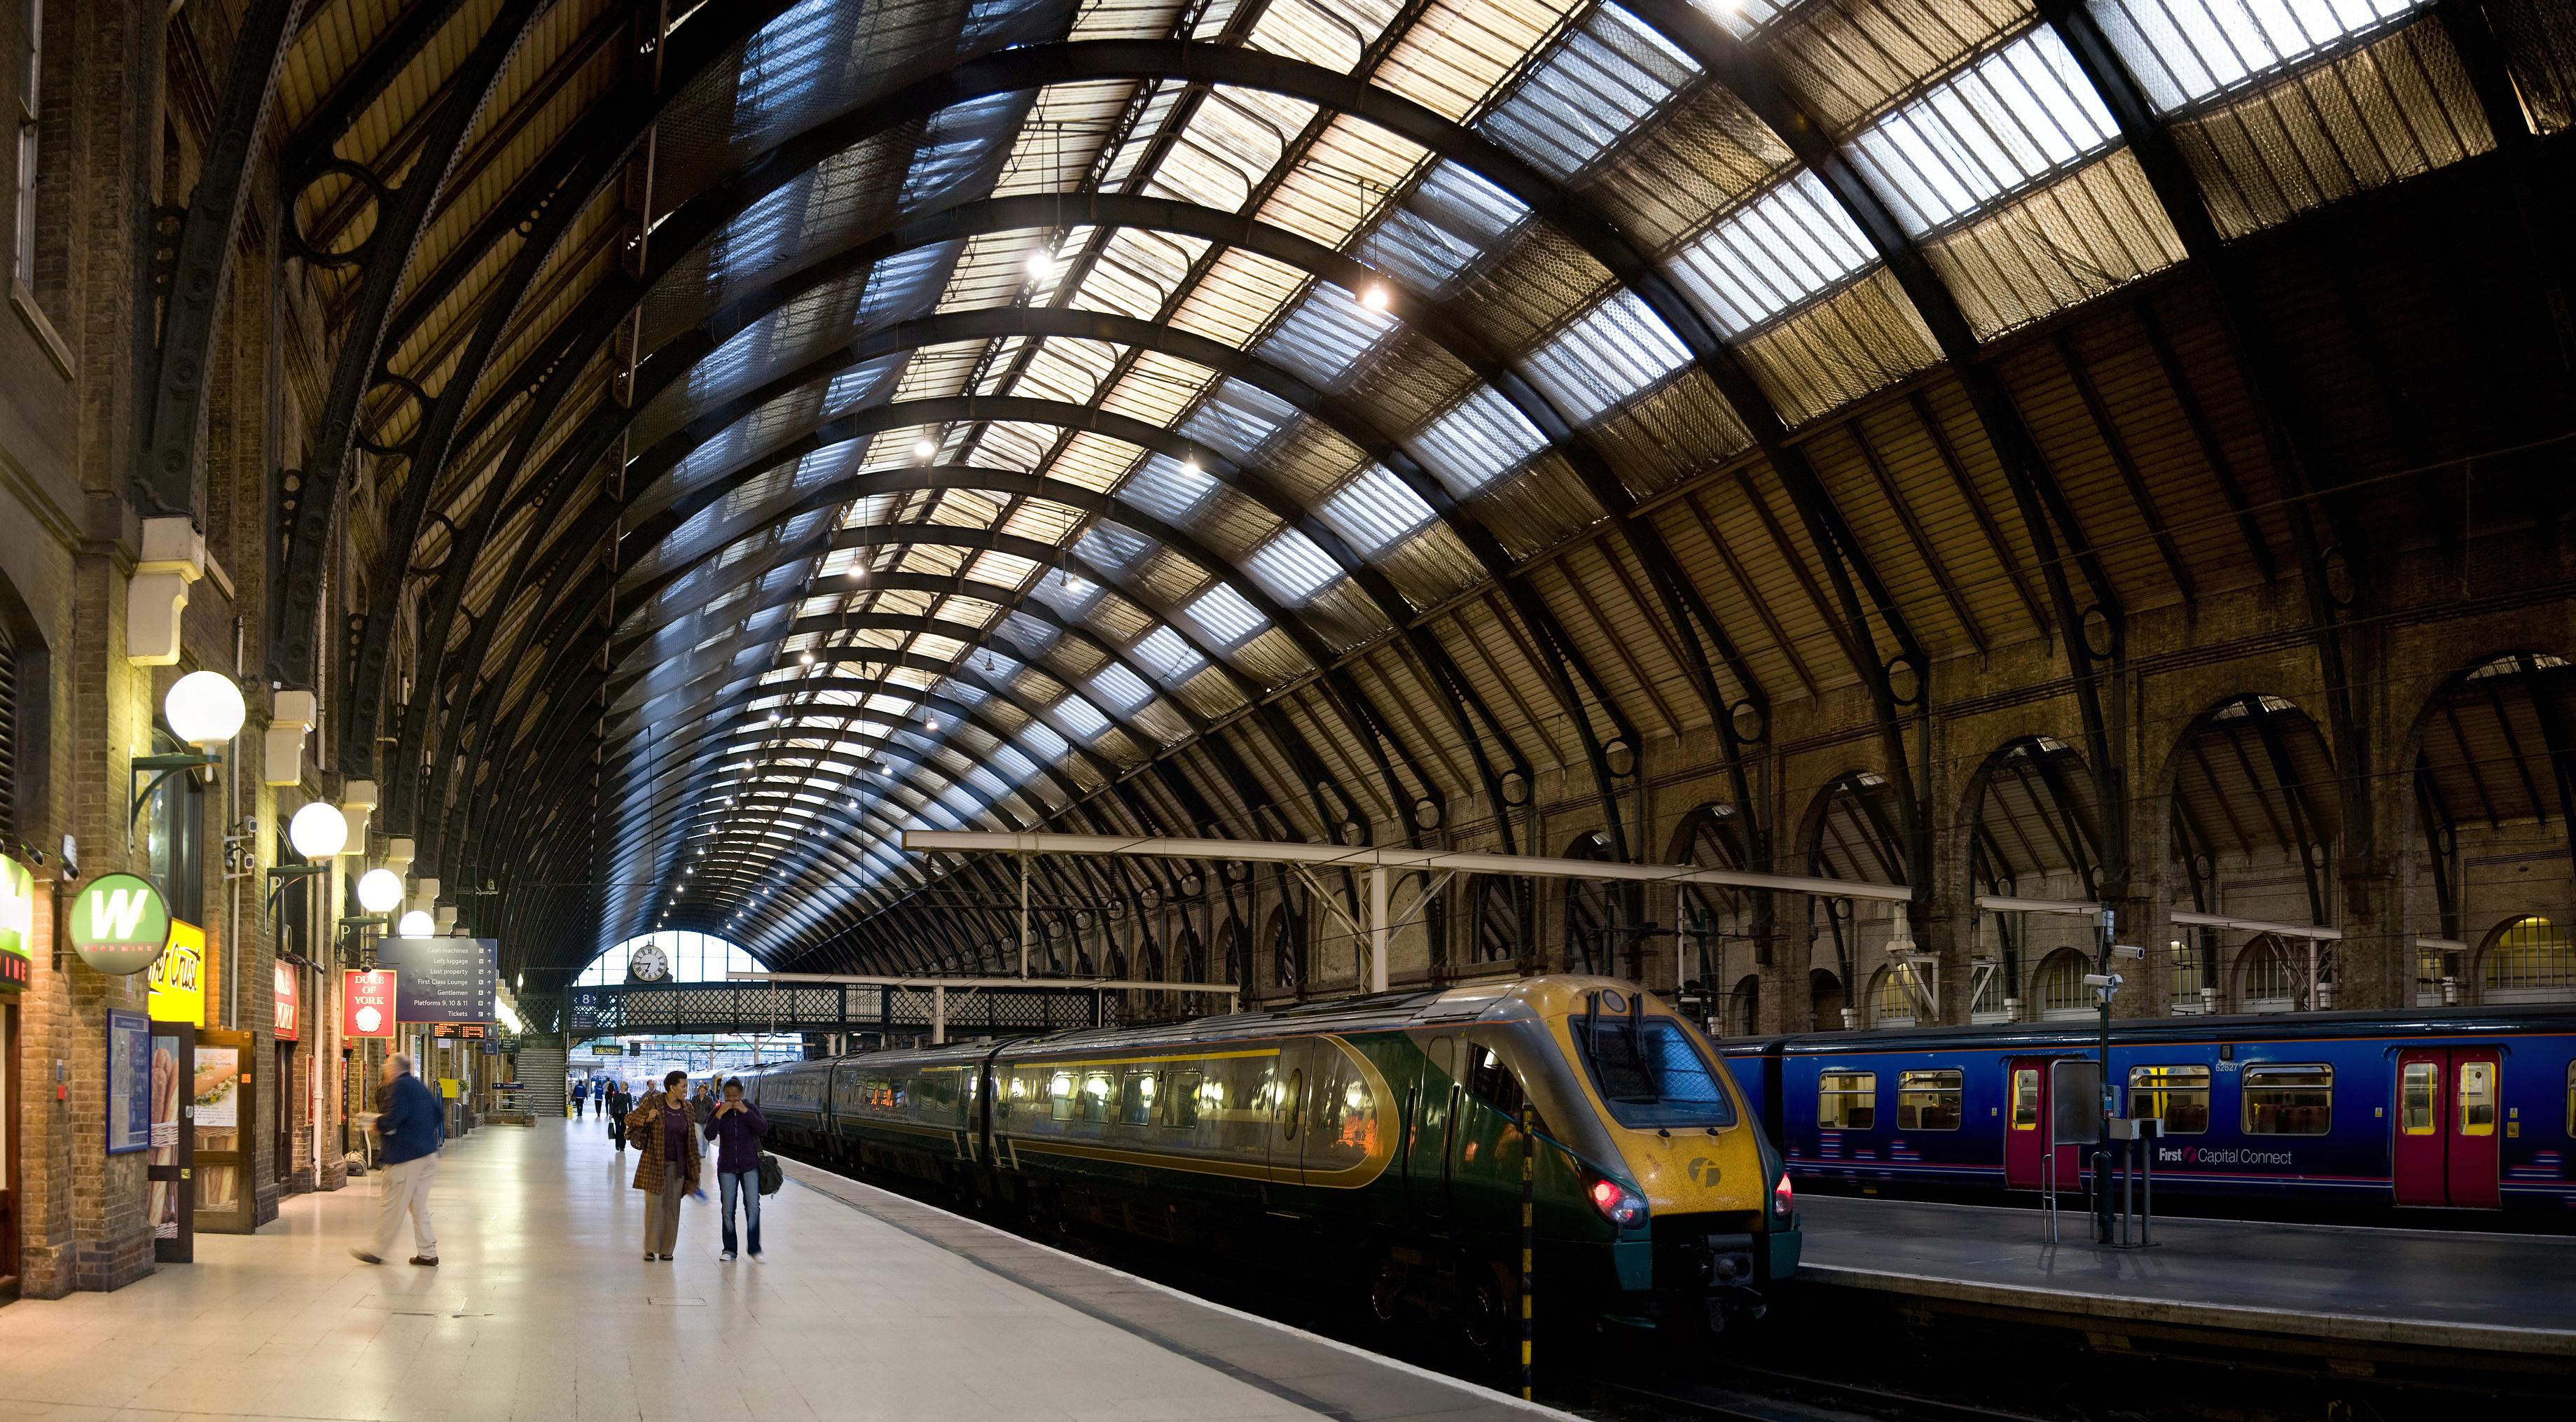 В Лондоне эвакуирован легендарный вокзал Кингс-Кросс по неизвестной причине - СМИ